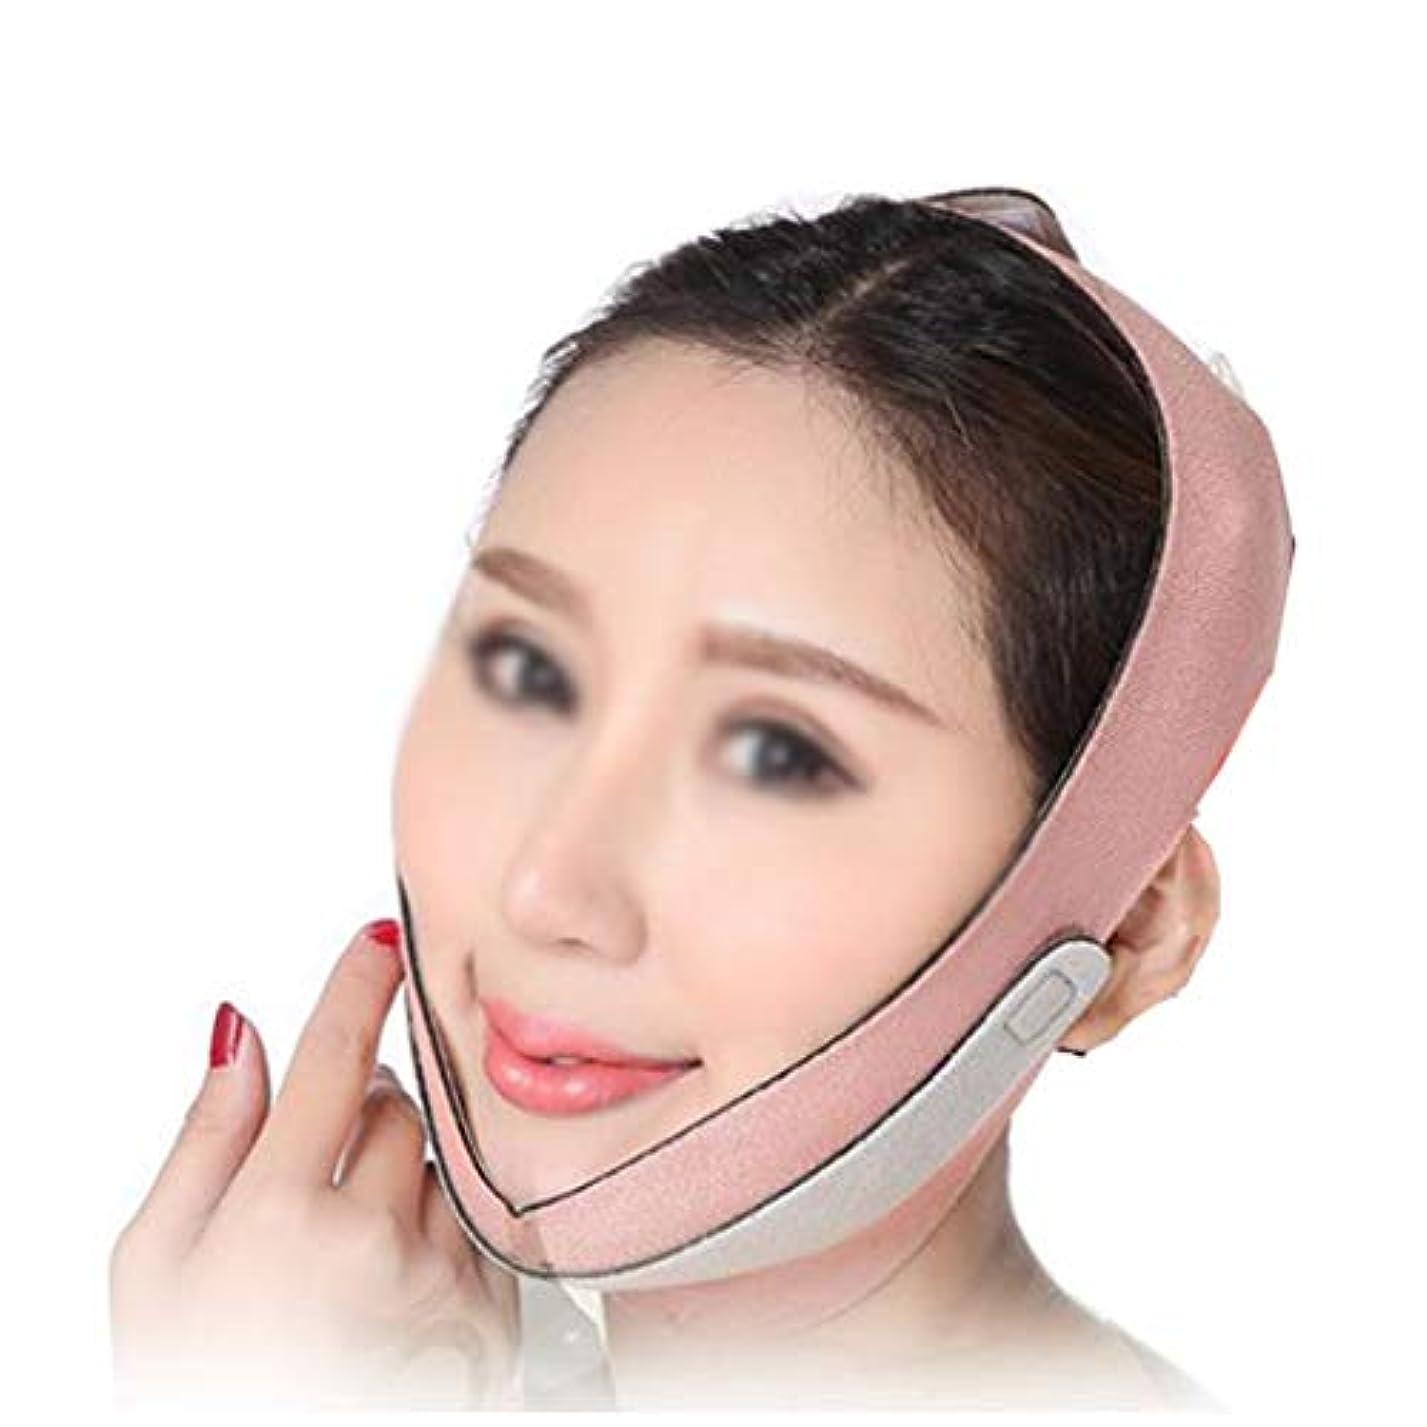 全員洞察力のある機知に富んだZWBD フェイスマスク, フェイスリフティングマスクフェイスリフティングツールを備えたVフェイスの薄い顔3Dフェイスリフティングフェイスリフティング包帯フェイスリフティングデバイスフェイスリフティングマシン